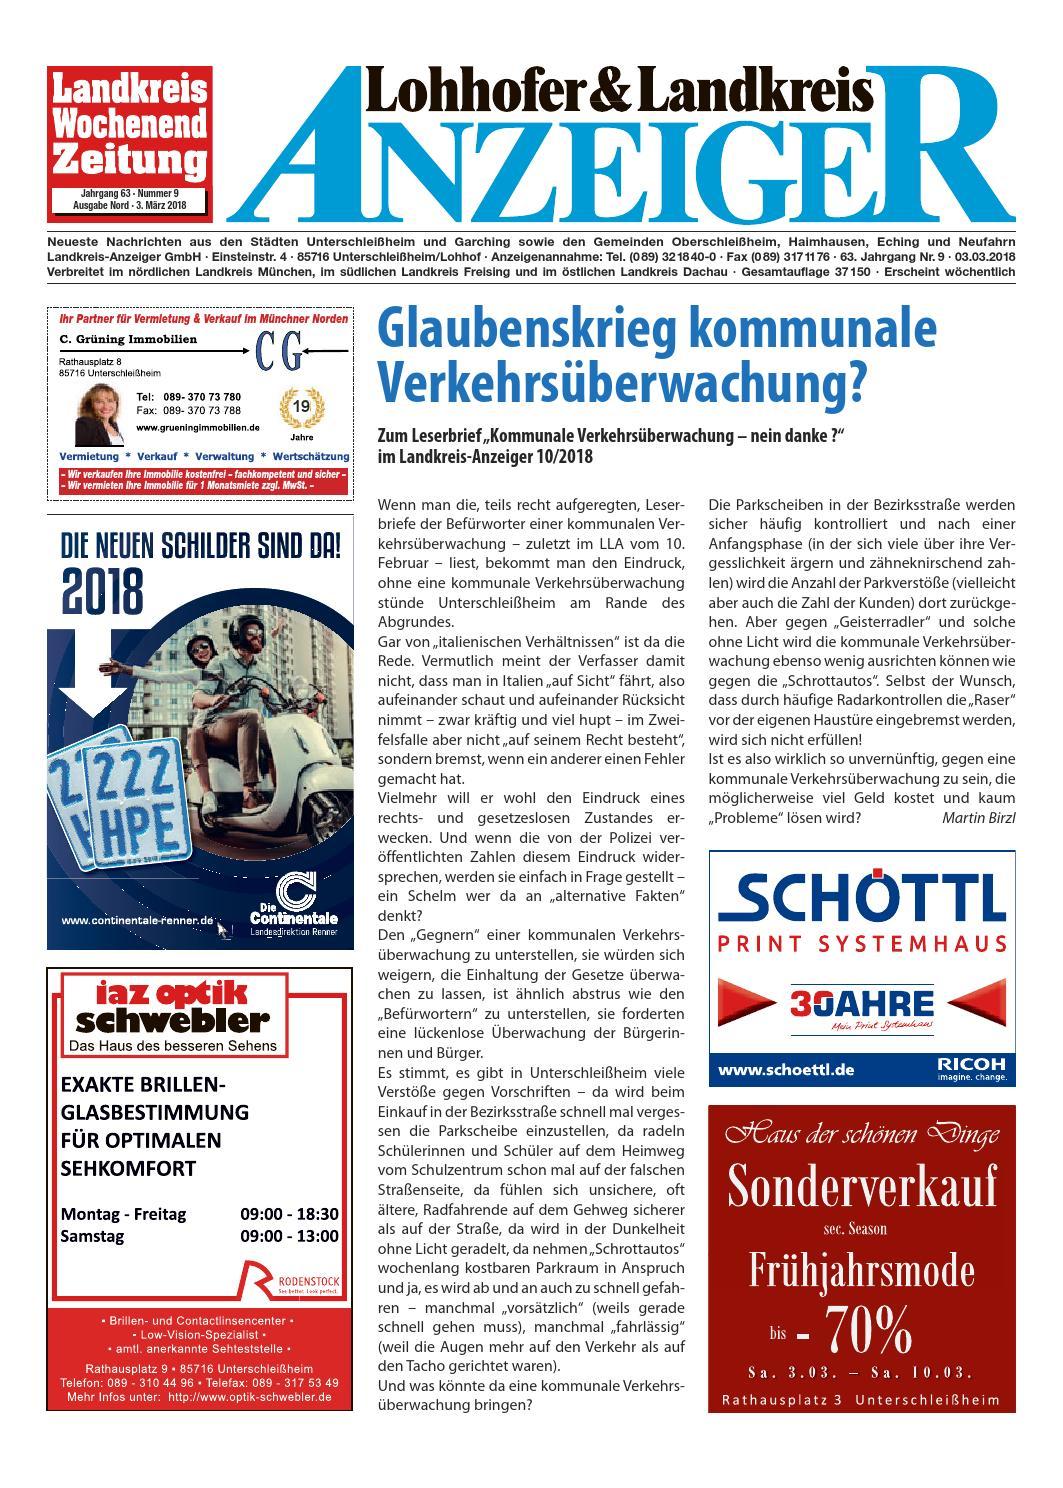 Lohhofer & Landkreis Anzeiger 0918 by Zimmermann GmbH Druck & Verlag - issuu